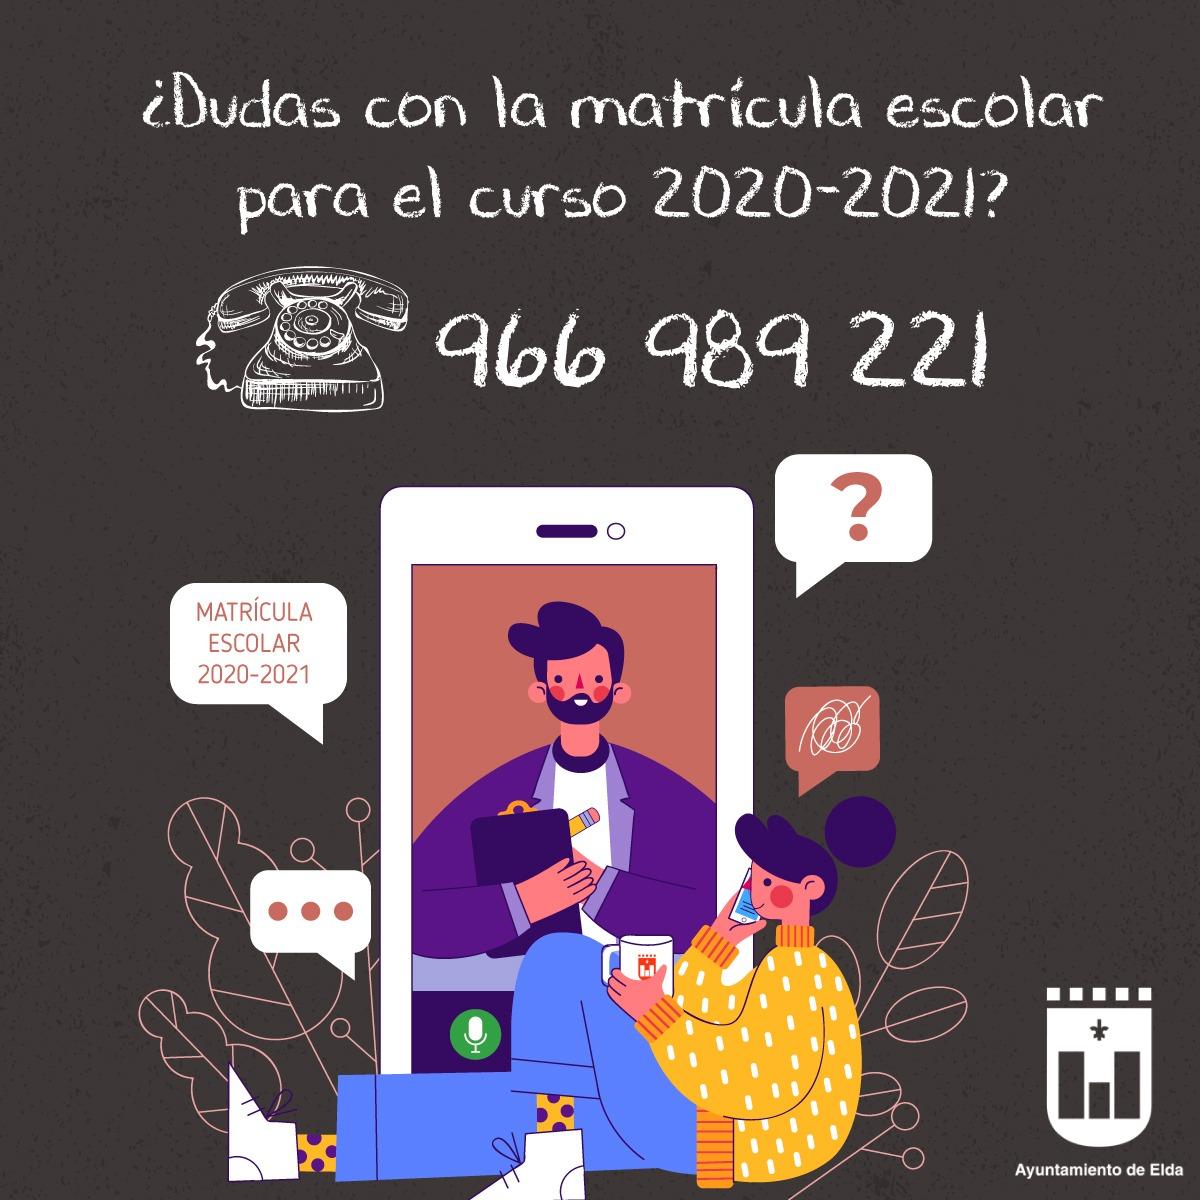 La Concejalía de Educación habilita un número de teléfono para aclarar dudas sobre la matriculación para el curso escolar 2020-21